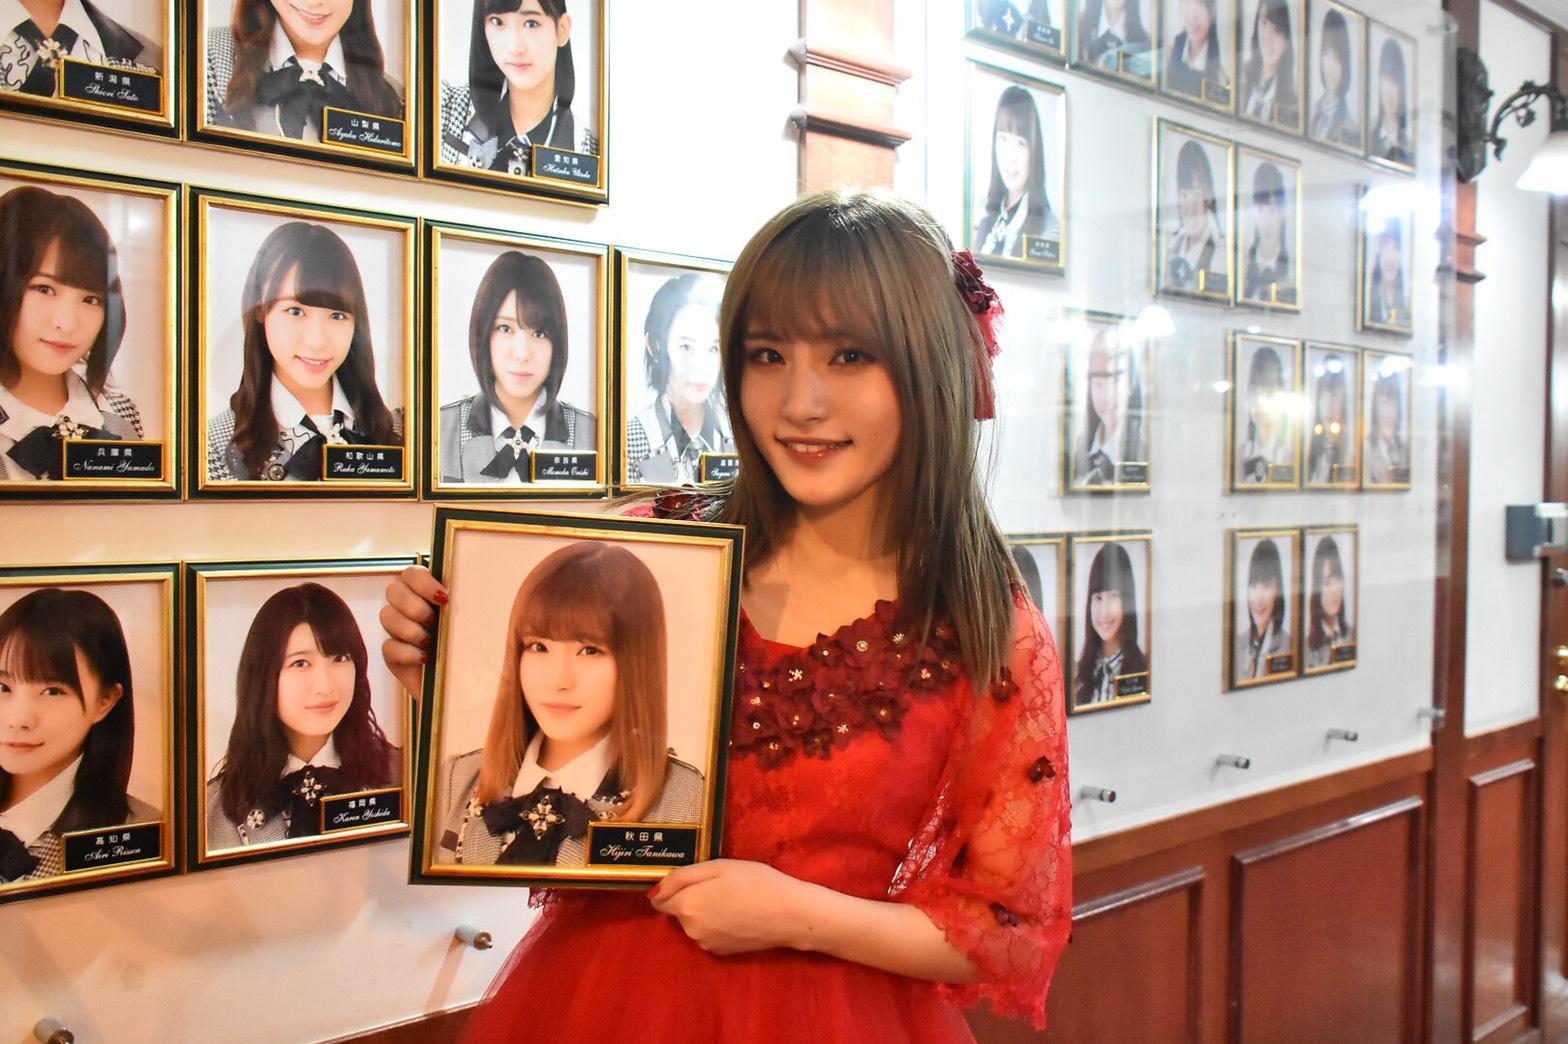 卒業公演での谷川聖  (C) AKS